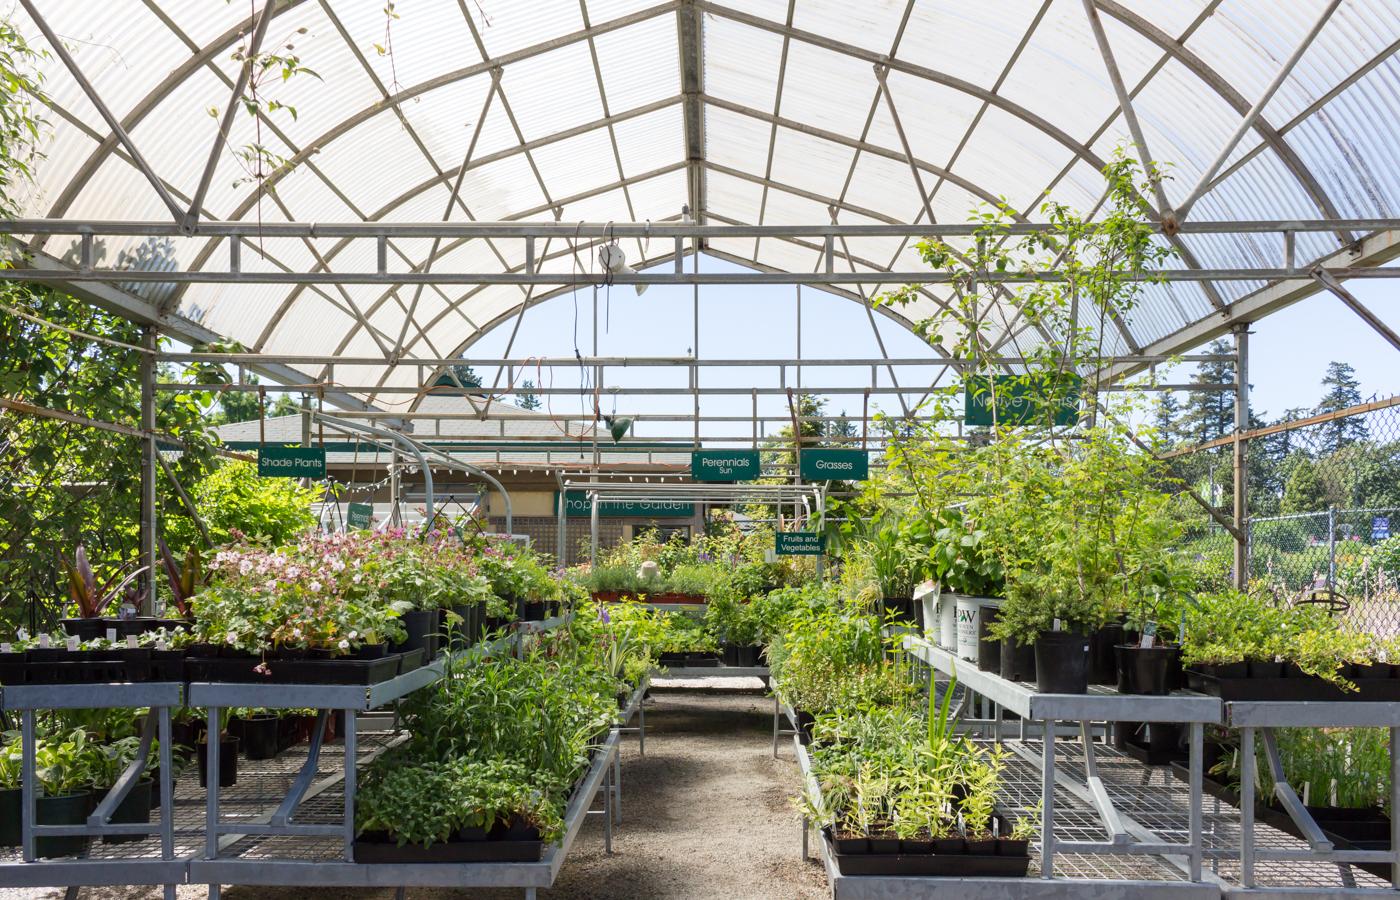 Shop Garden Centre Ubc Botanical Garden